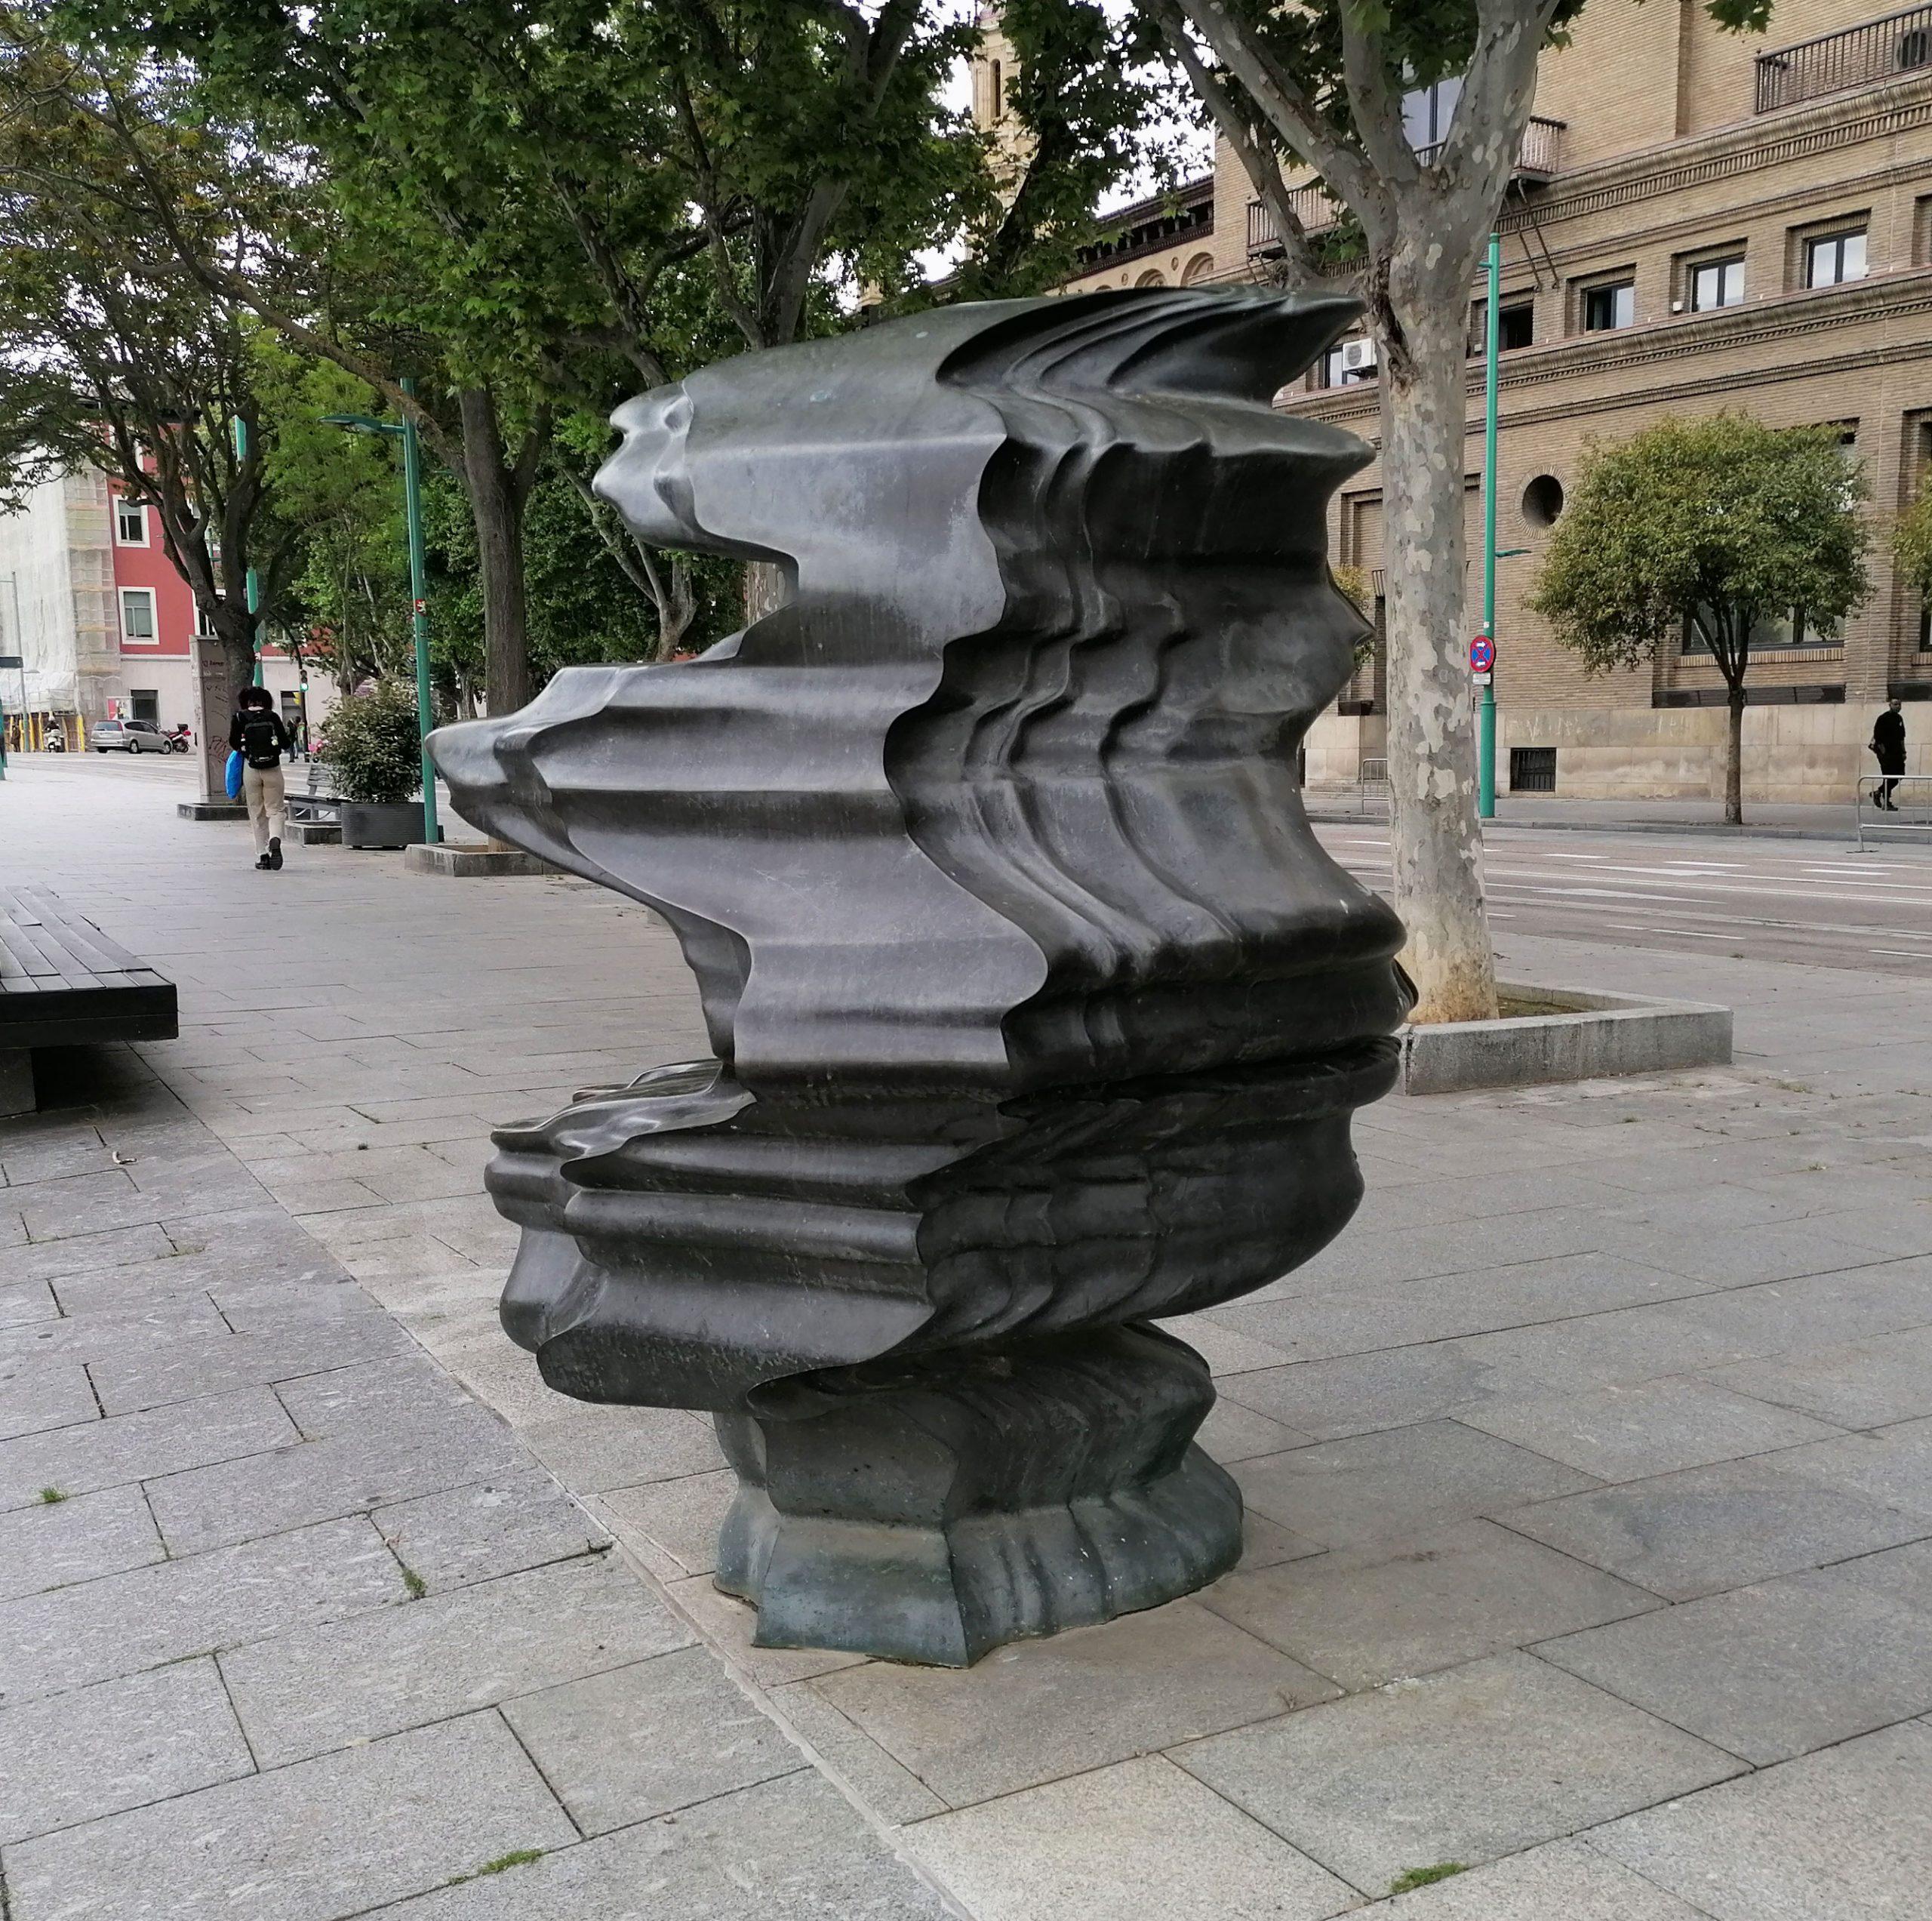 Escultura Wild Relative Pariente Salvaje de Tony Cragg en Zaragoza